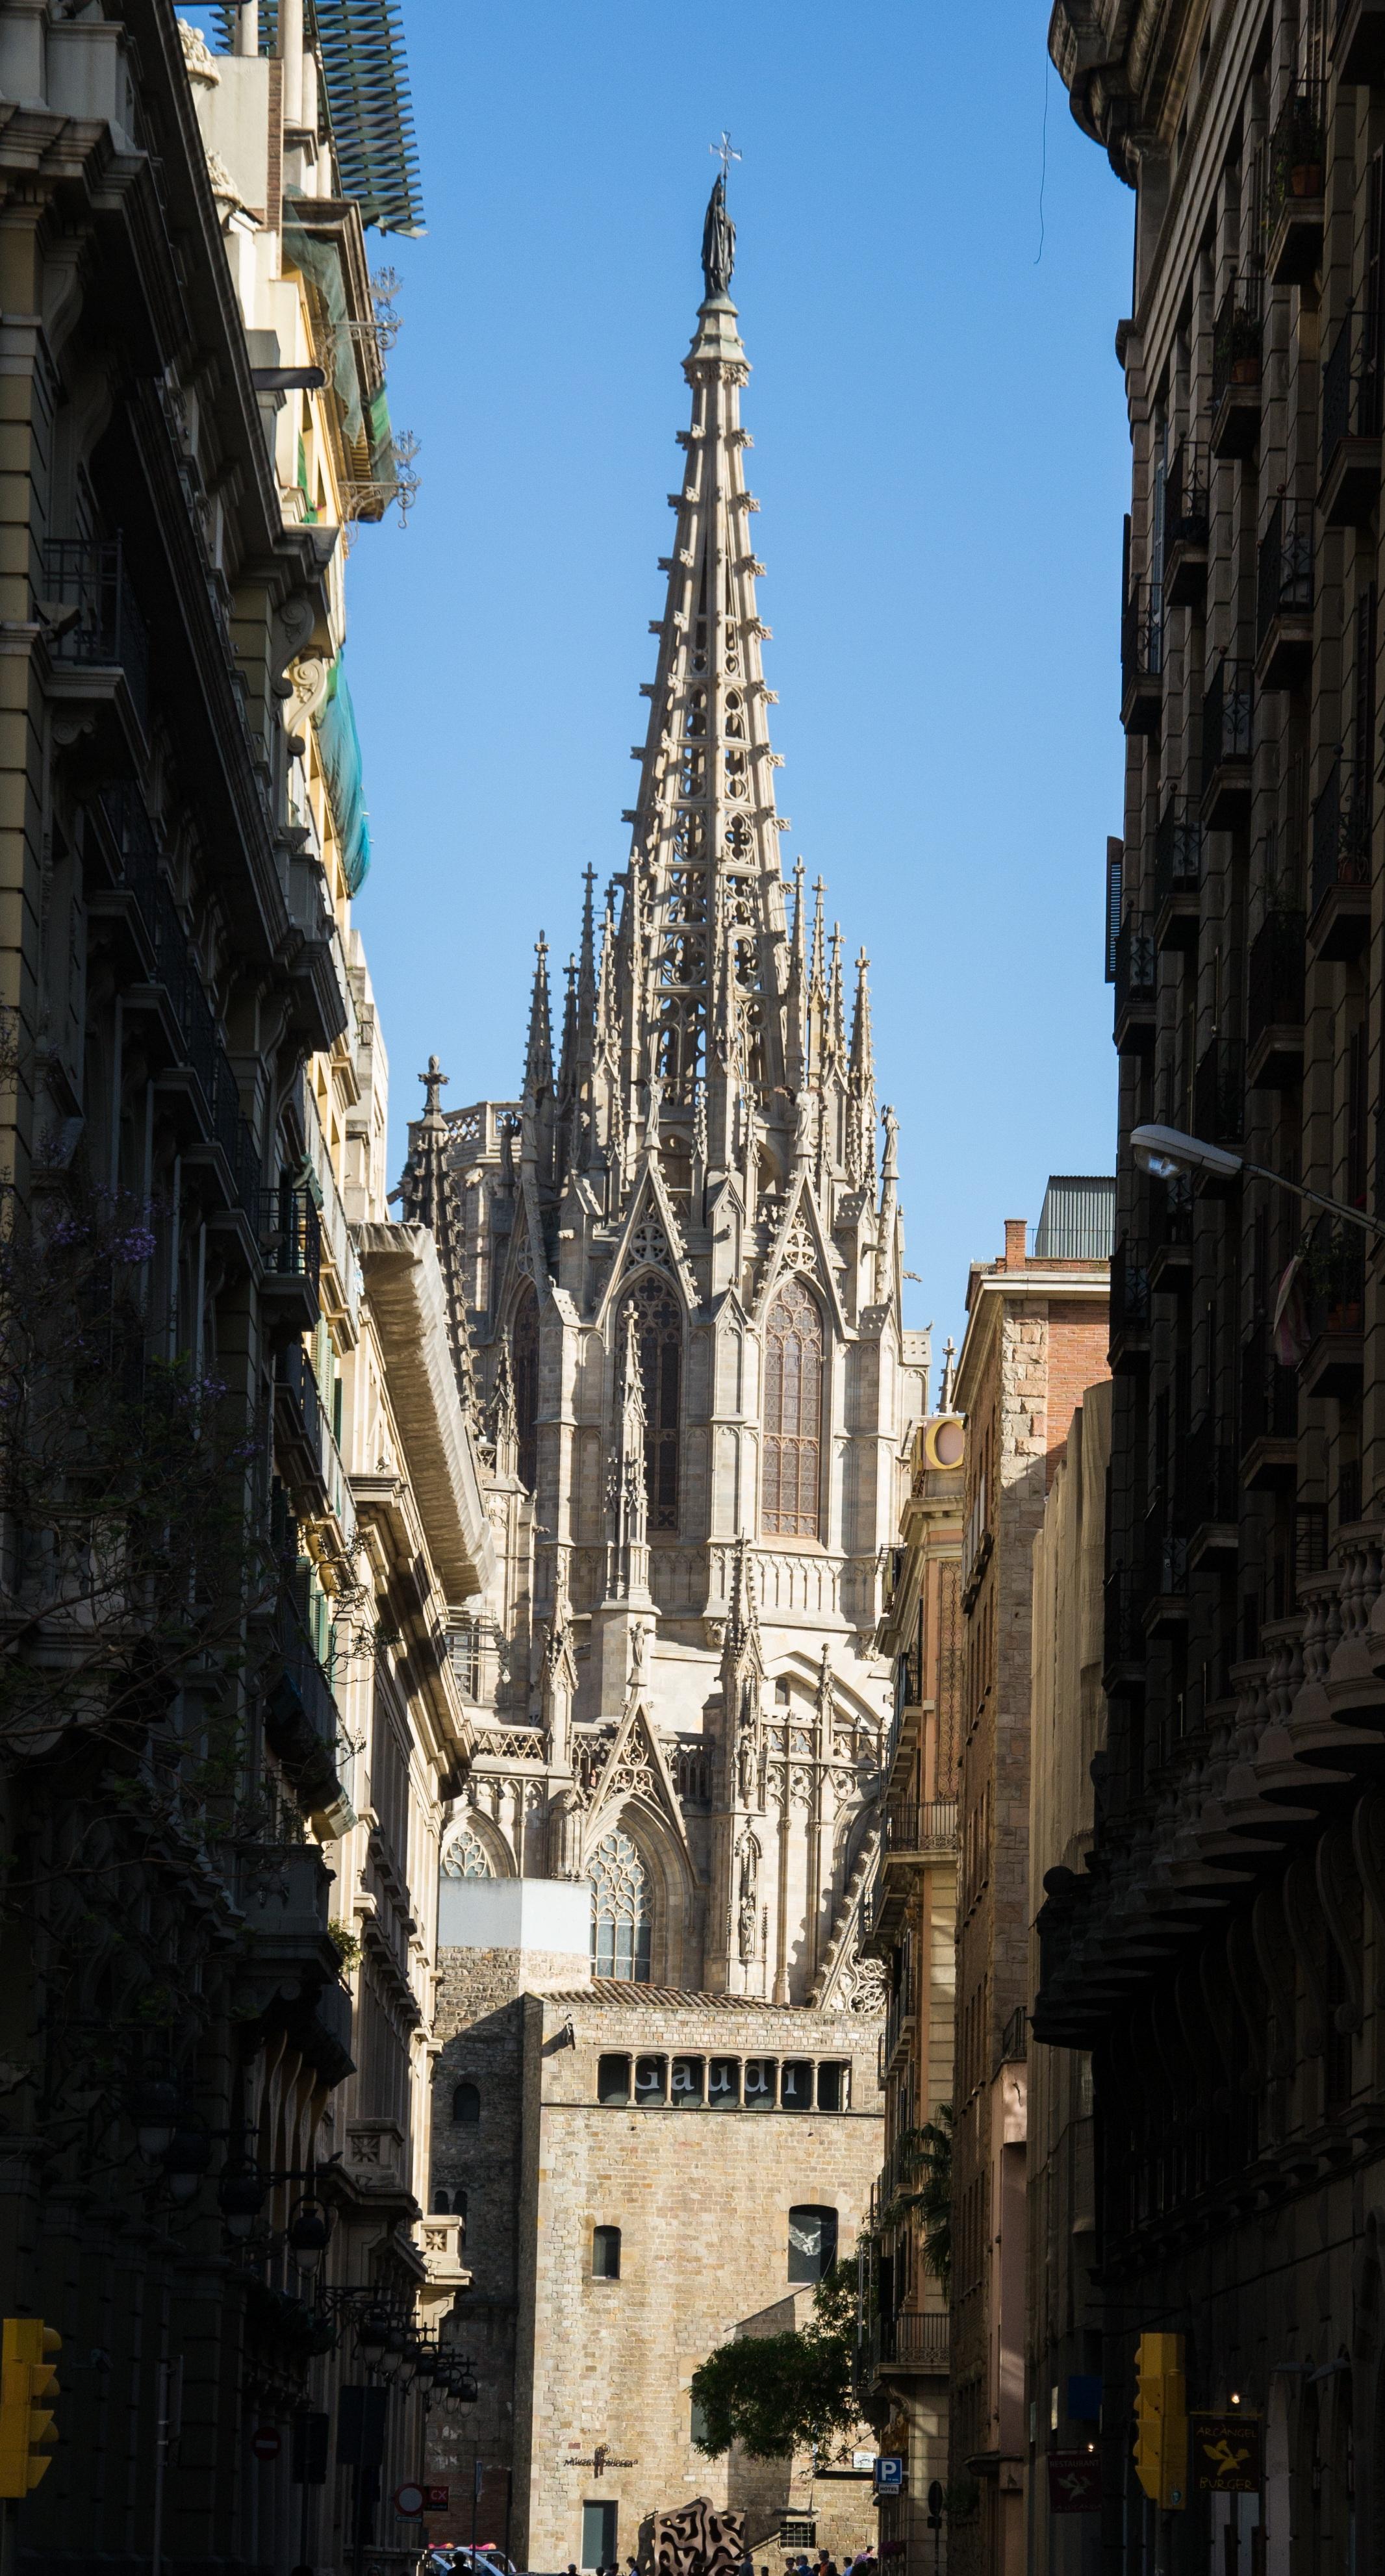 Barcelona Wohnen kostenlose foto die architektur gebäude stadtbild turm